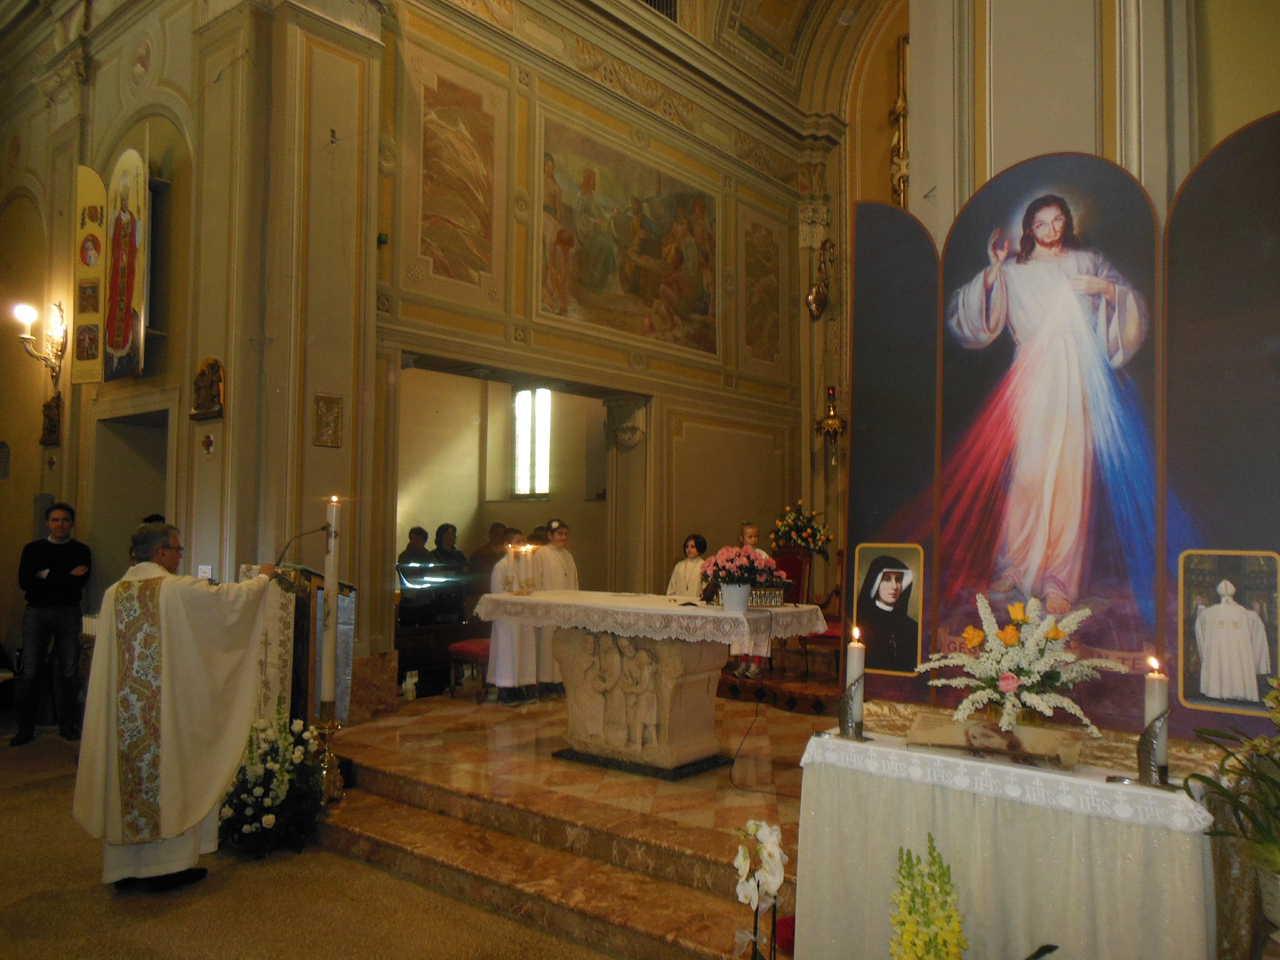 Don Mauro, dopo aver incensato il trittico, incensa anche il cero pasquale, acceso durante la Veglia nella notte di Pasqua.